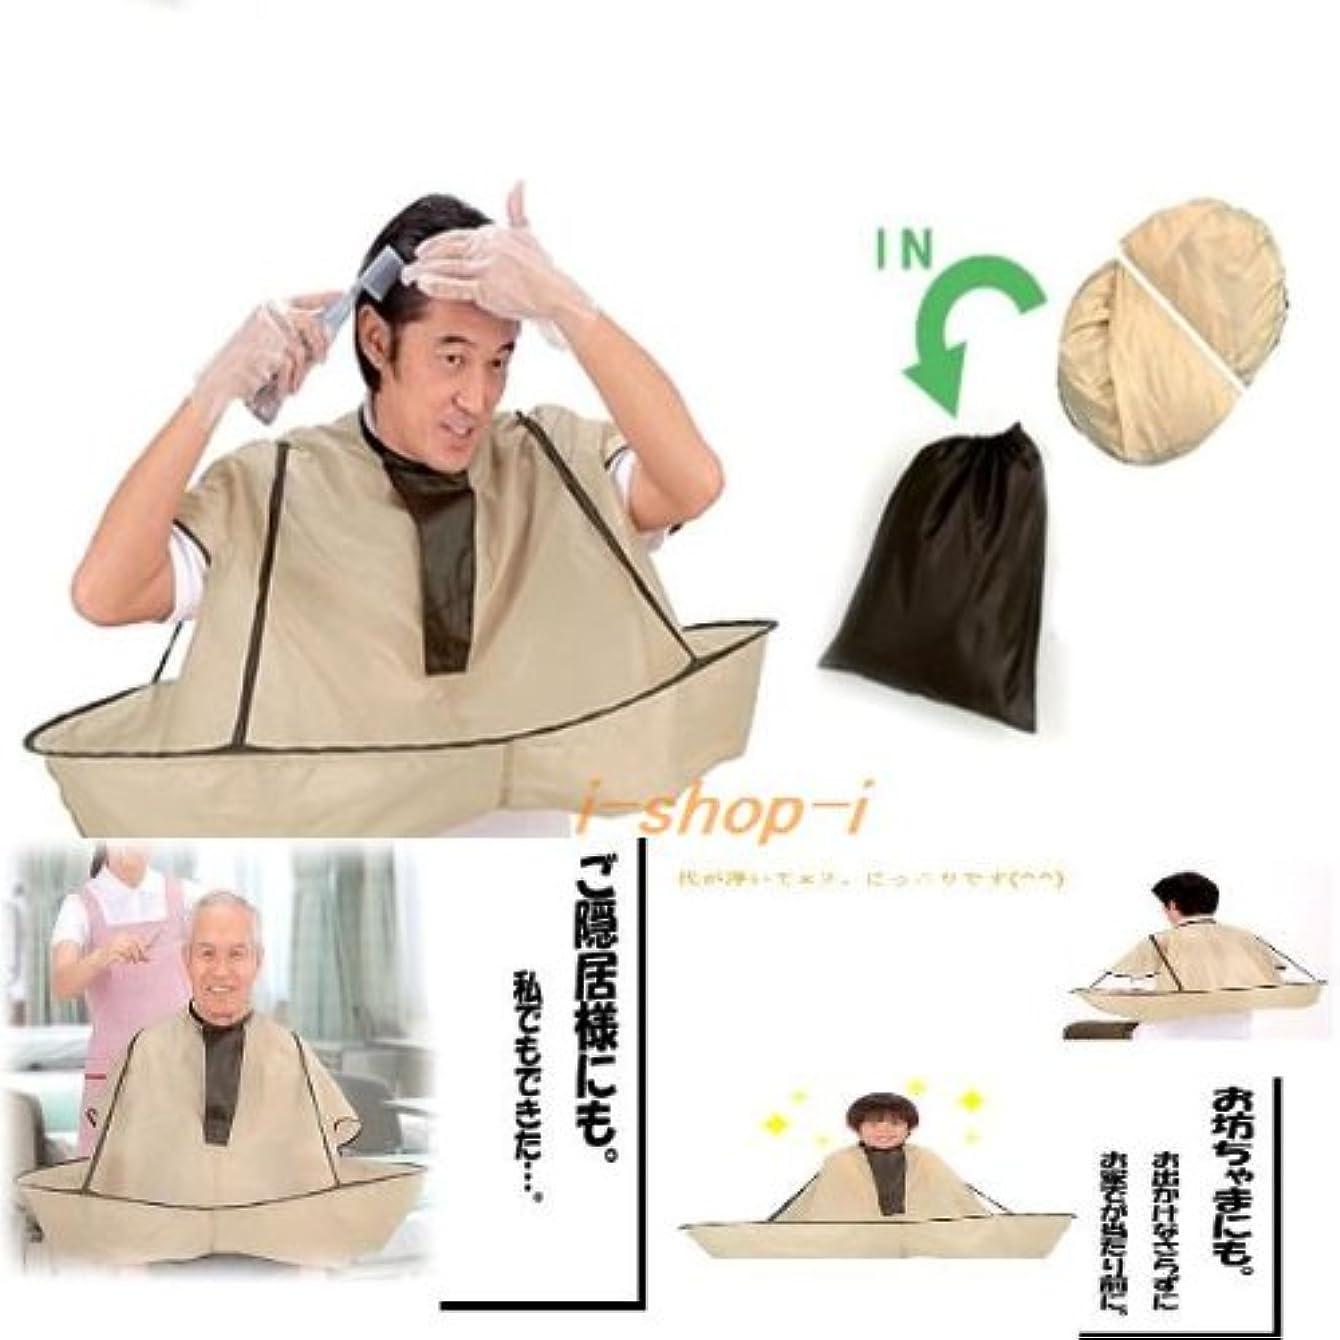 渦受取人切り刻む散髪 毛染め 家族で使える ジャンボ散髪マント ヘアカラー 毛染めケープ カット セルフ